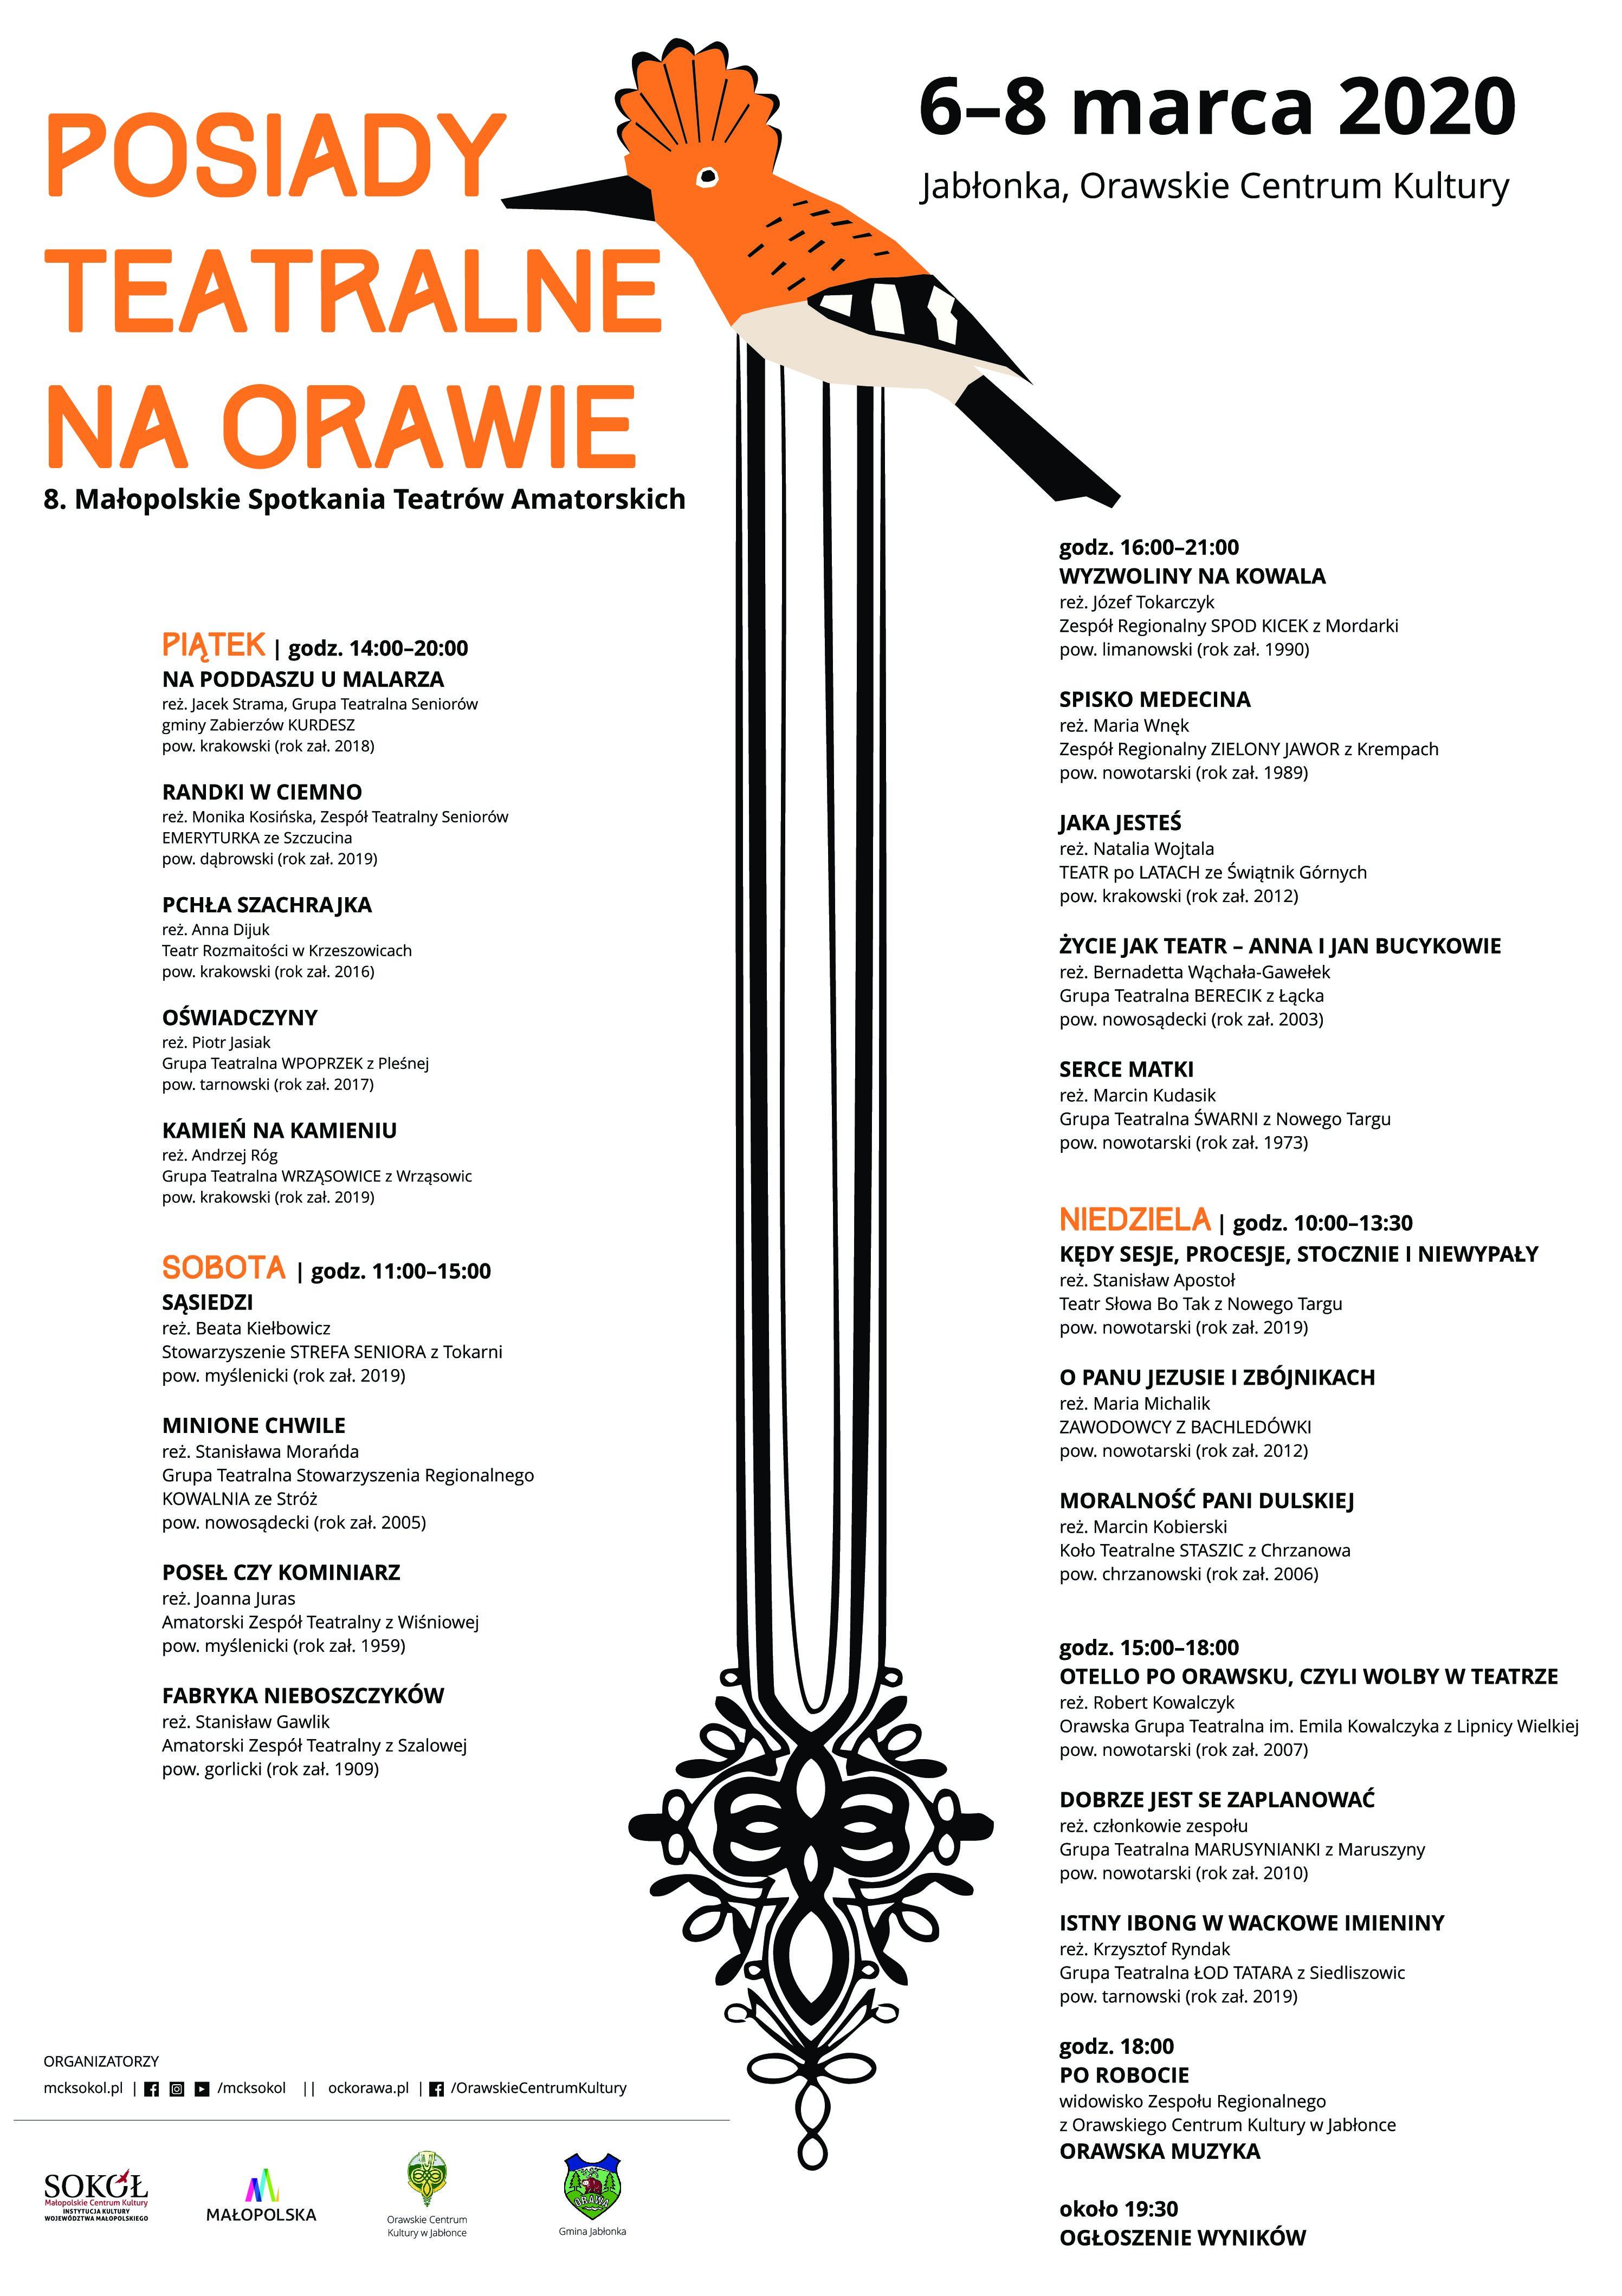 8.Małopolskie Spotkania Teatrów Amatorskich – POSIADY TEATRALNE na Orawie. Jabłonka, 6-8 marca 2020